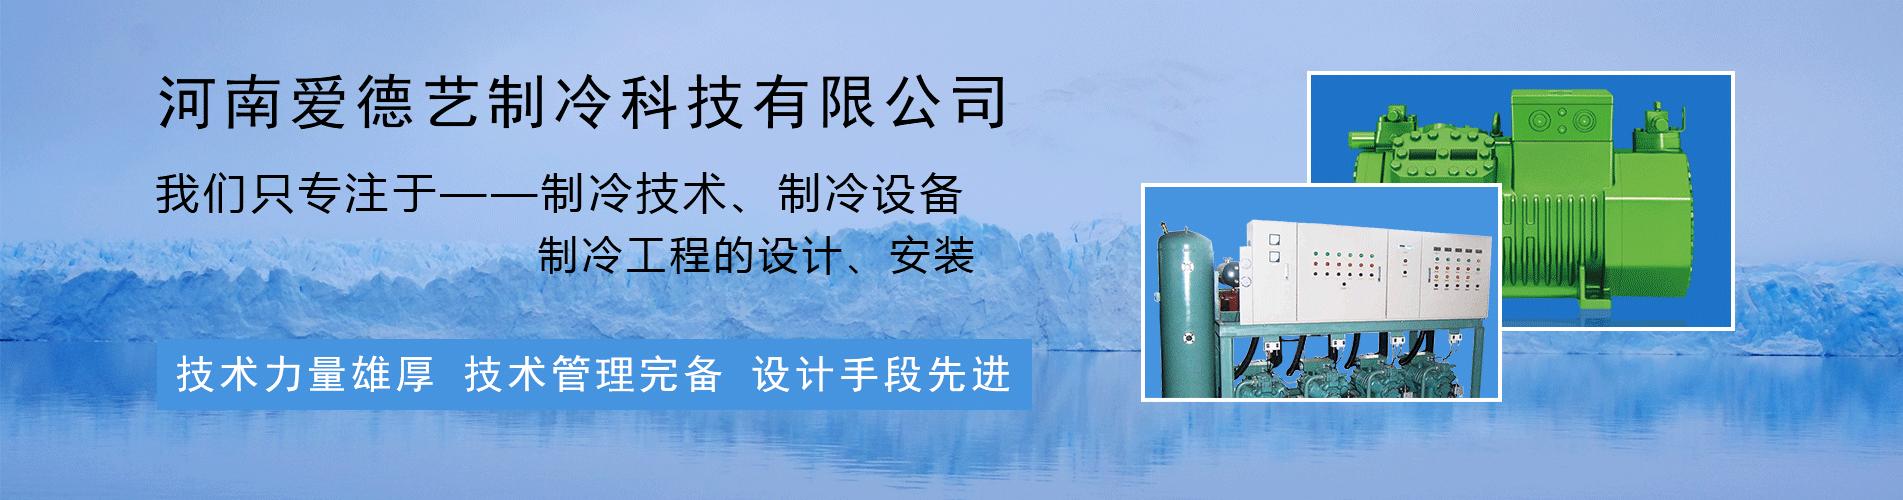 郑州冷库设备